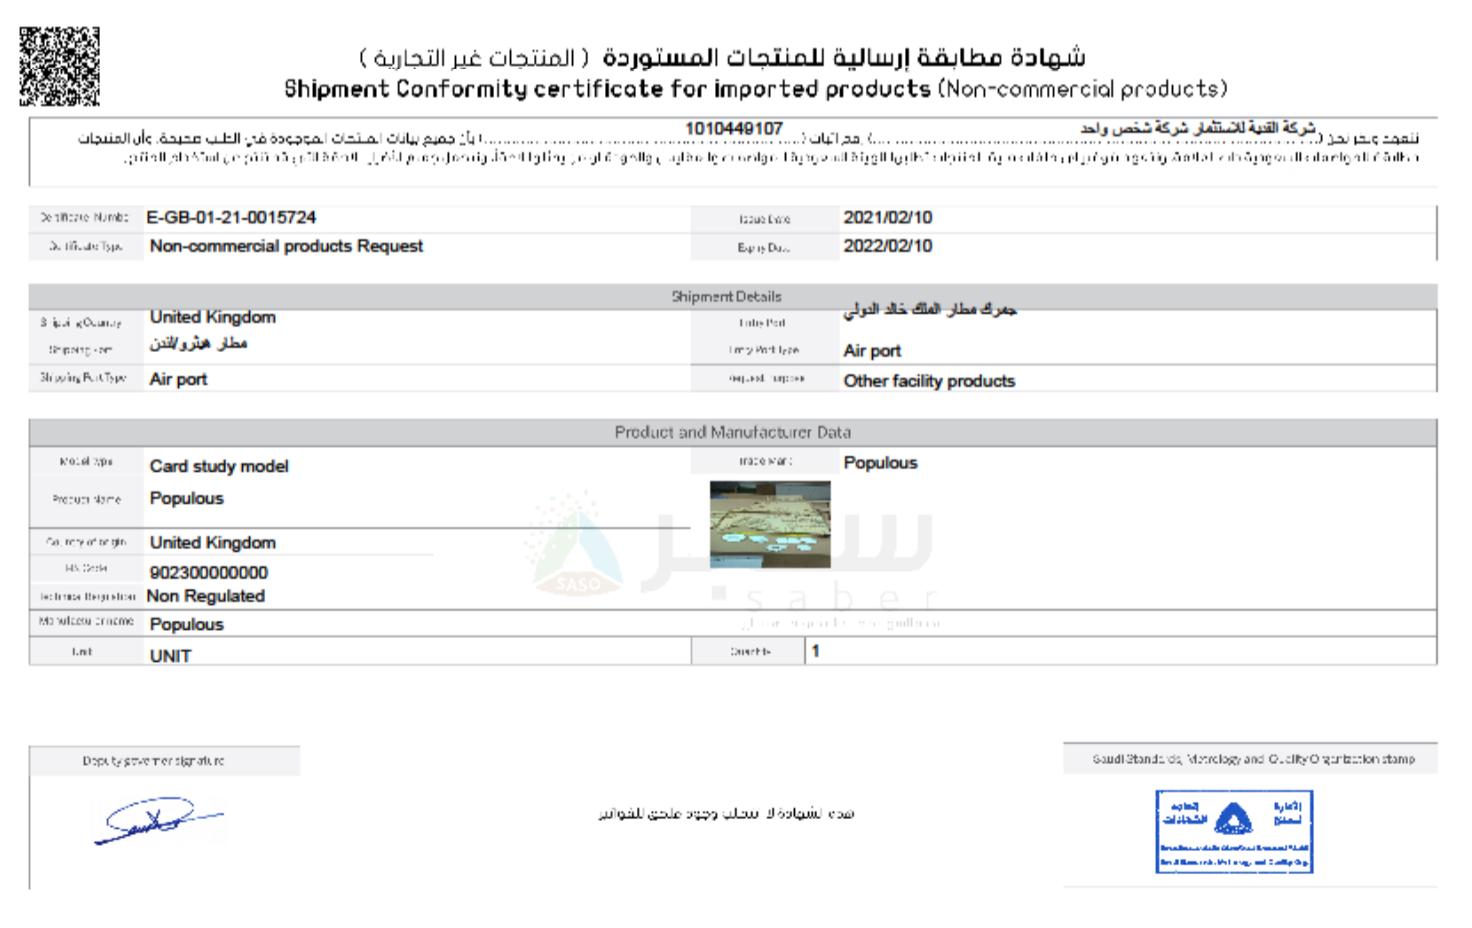 سابر - شهادة مطابقة للمنتجات المستوردة غير التجارية